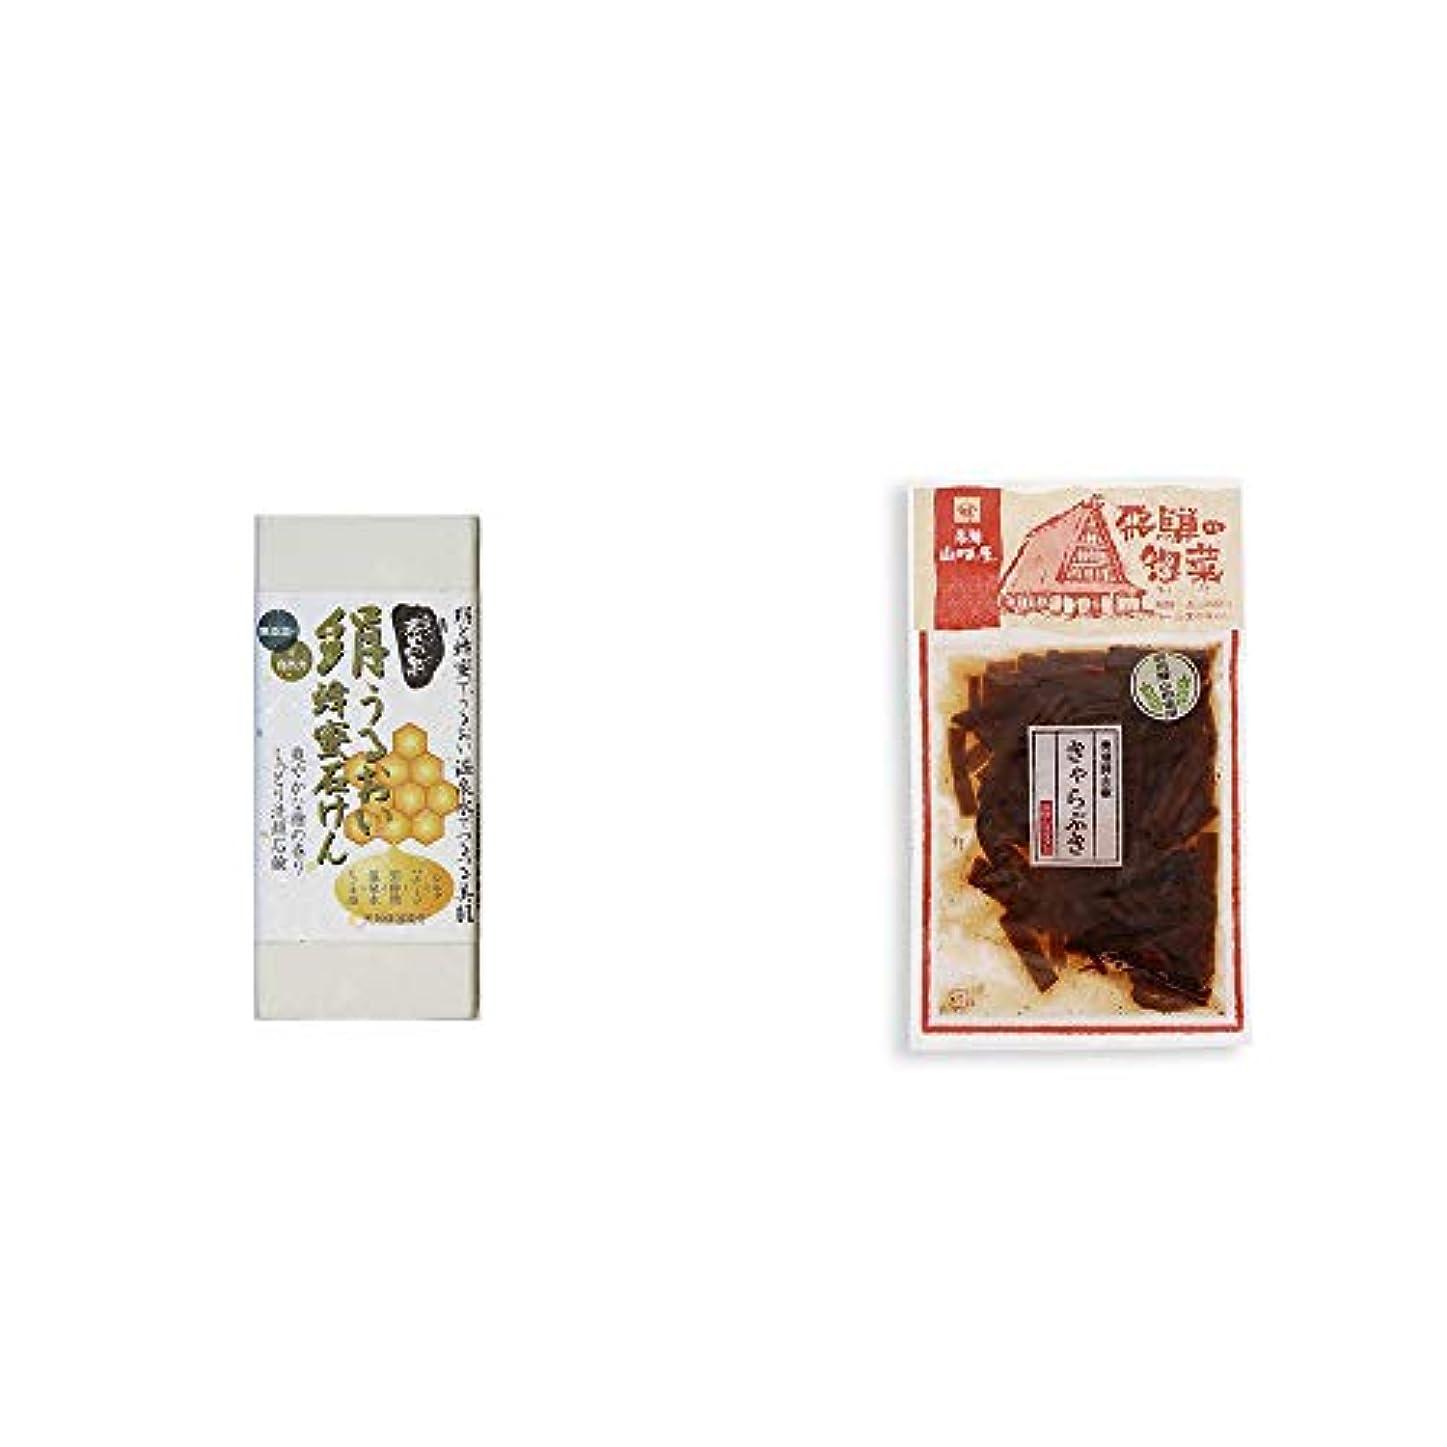 [2点セット] ひのき炭黒泉 絹うるおい蜂蜜石けん(75g×2)?飛騨山味屋 奥飛騨山椒きゃらぶき(120g)